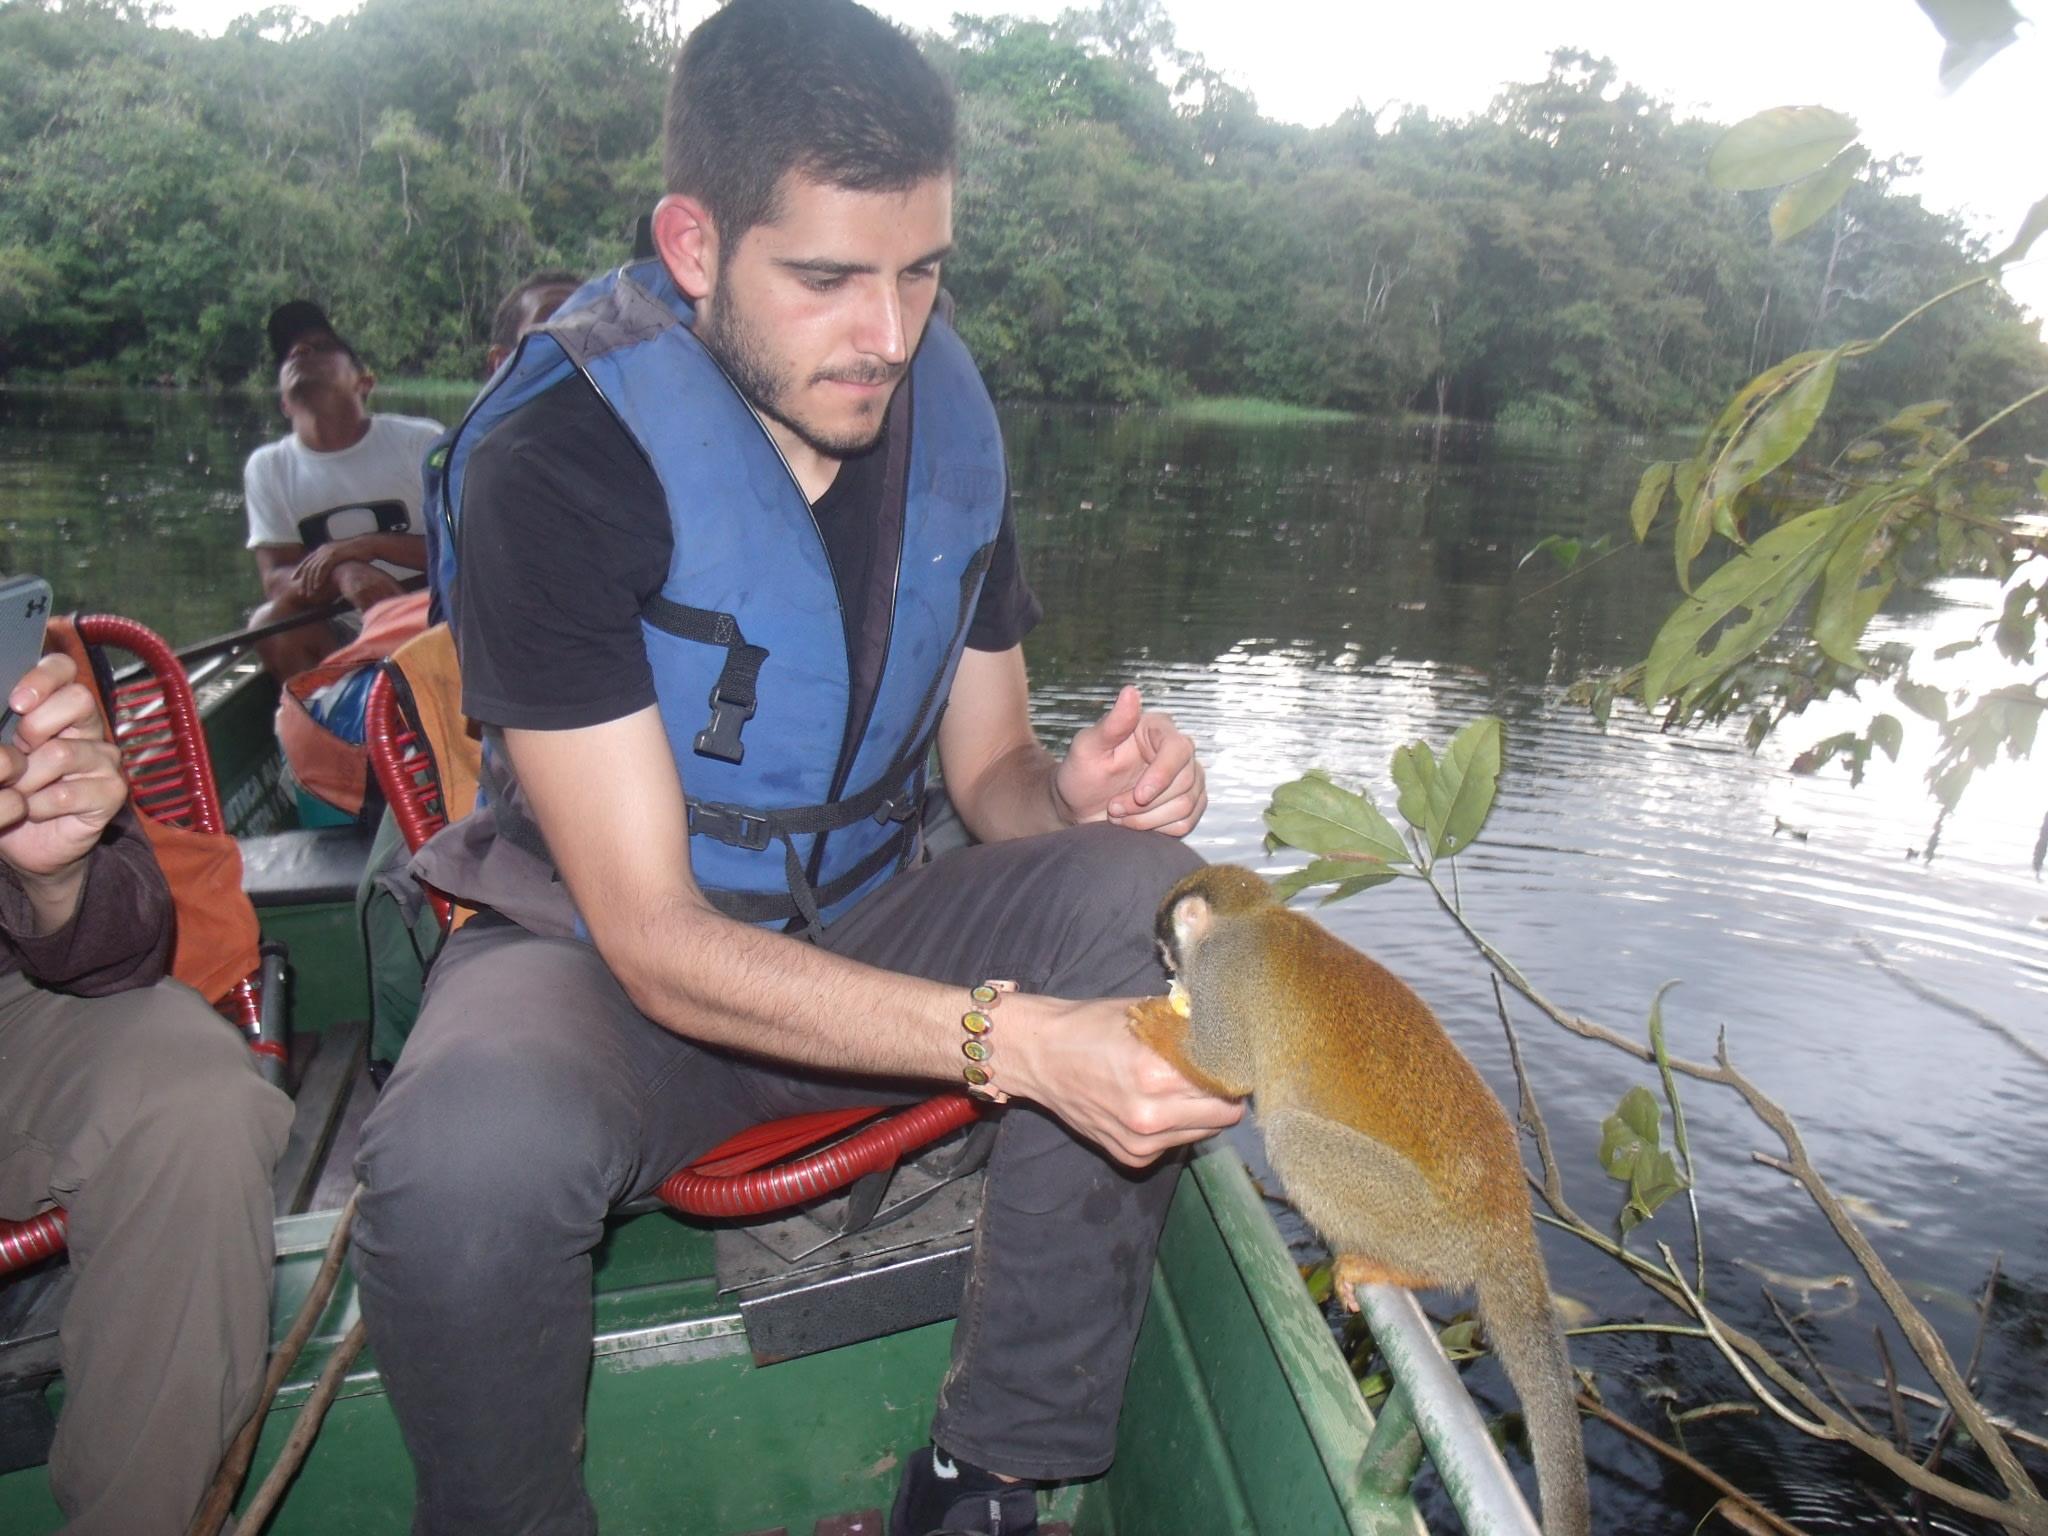 Petting a monkey